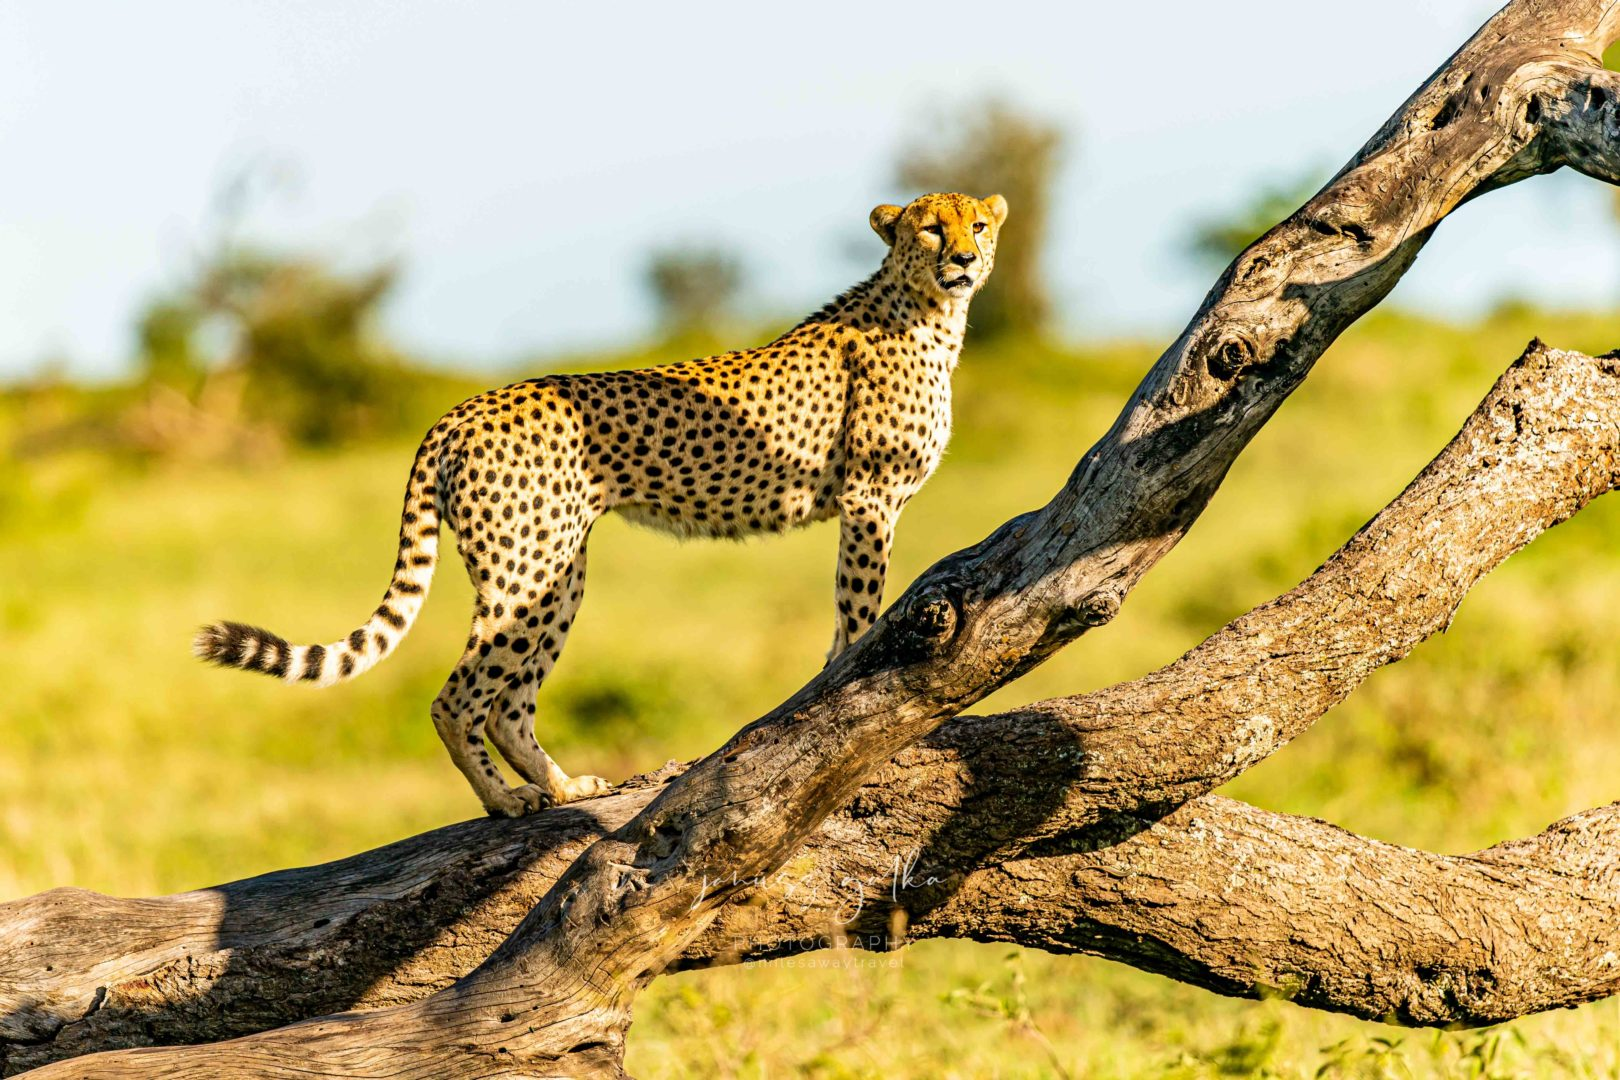 Samiec geparda wypatruje gazeli Thompsona